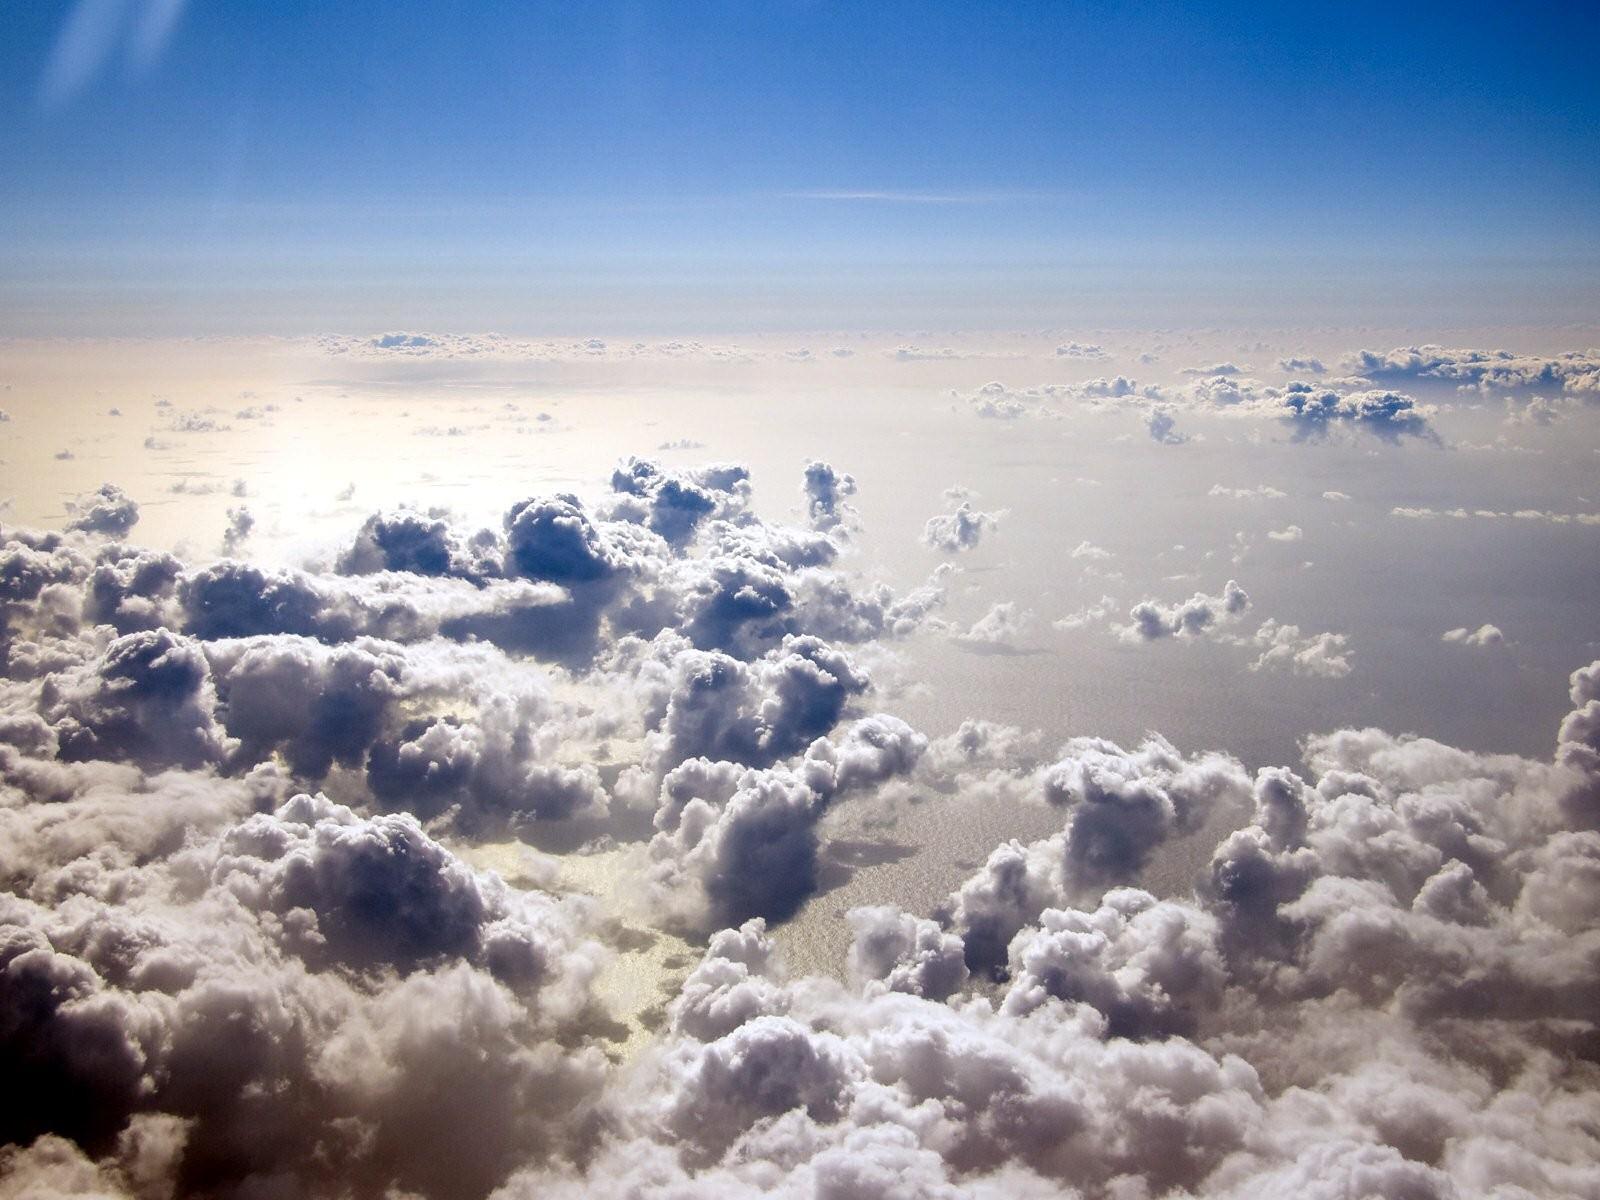 Небеса картинки фото, мая цветной бумаги